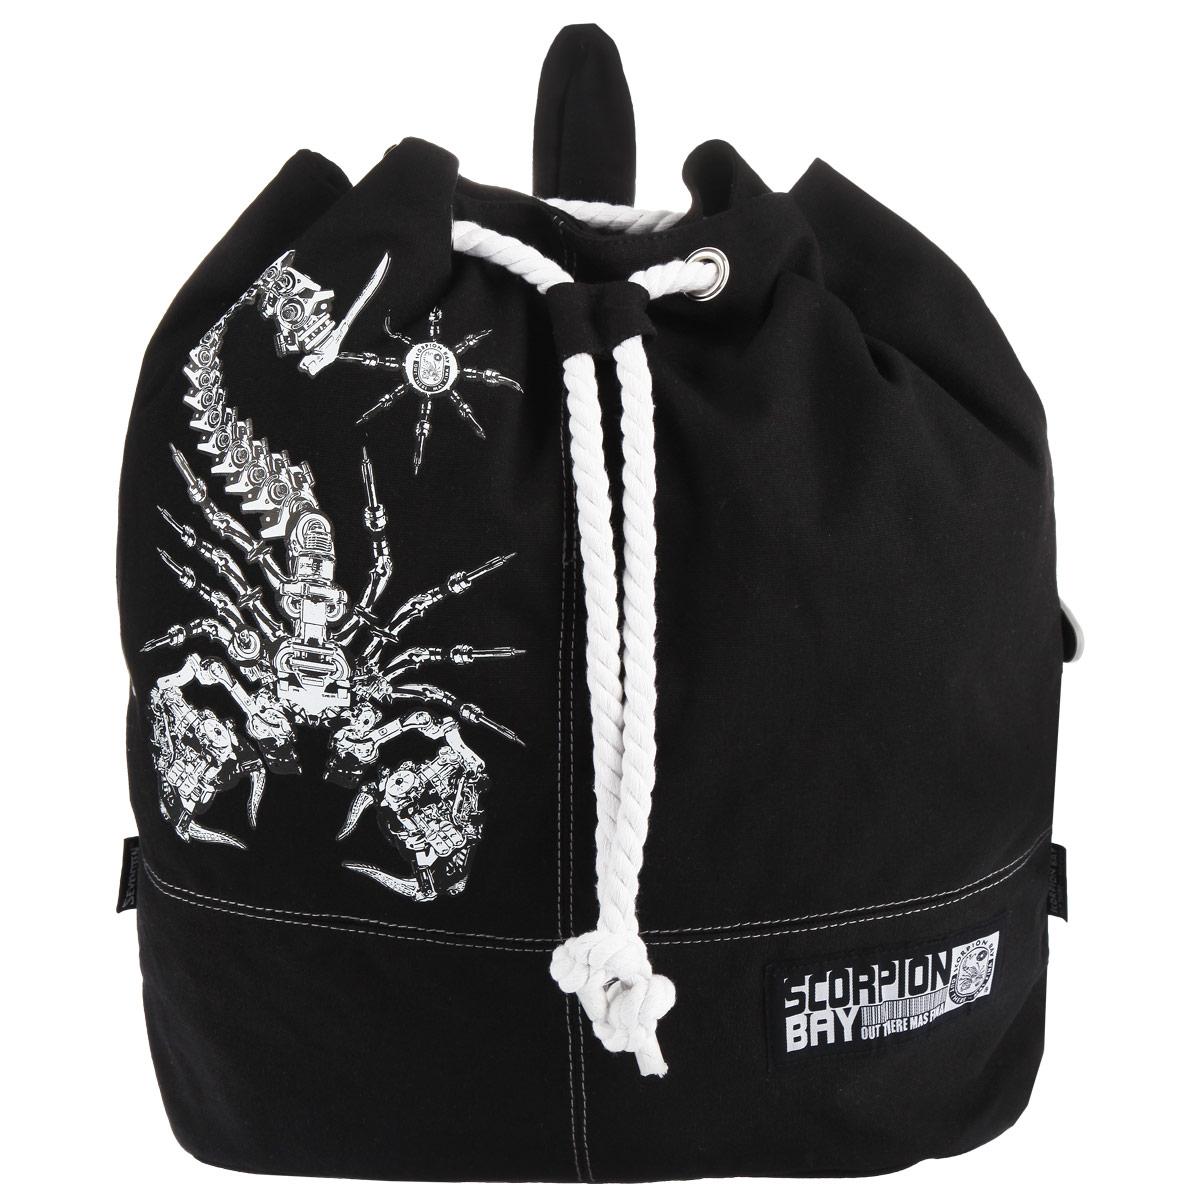 Рюкзак-мешок Scorpion Bay, цвет: черный. SCCB-UT1-721